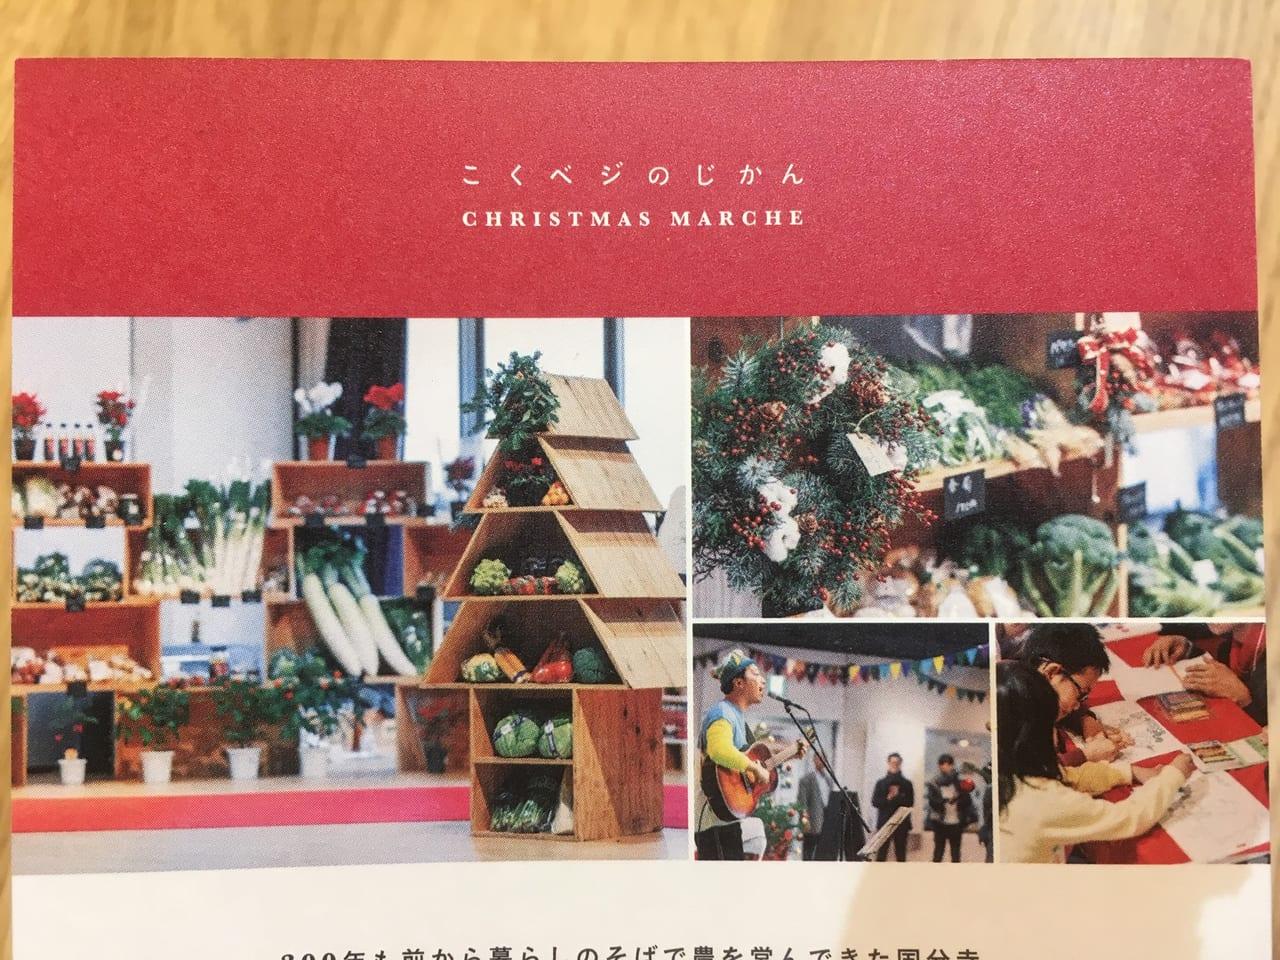 こくベジのじかん、クリスマスマルシェを2019年12月1日(日)cocobunjiプラザにて開催